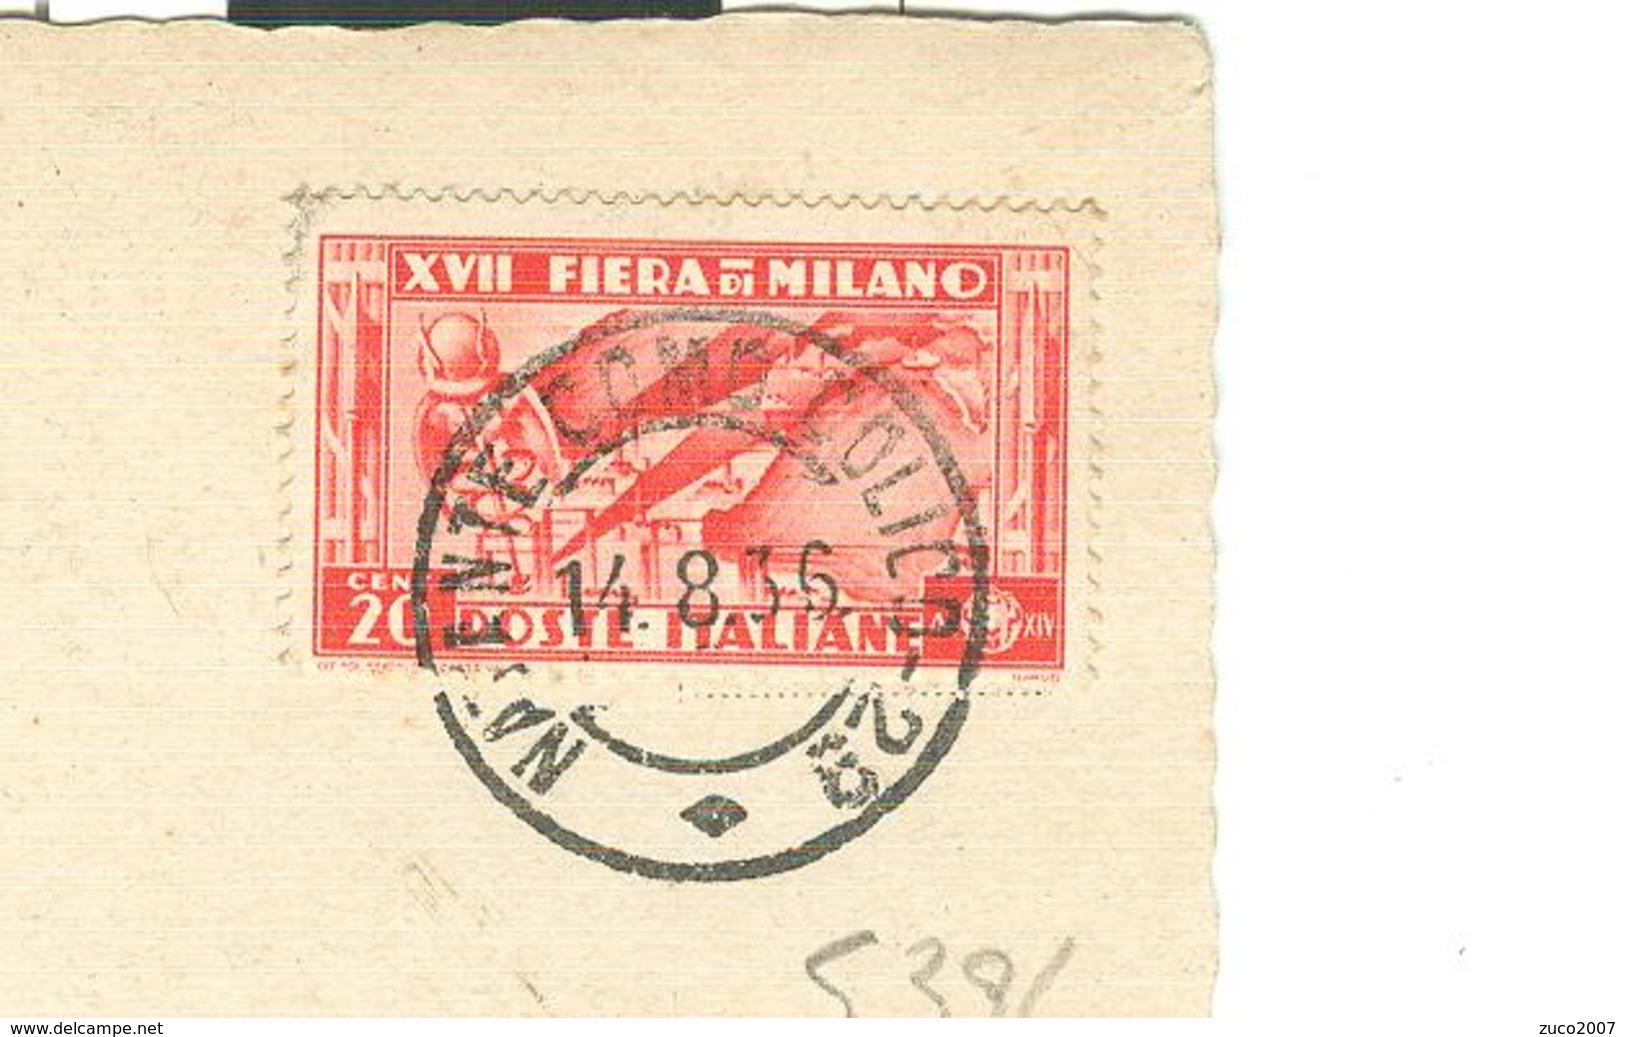 """""""FIERA DI MILANO XVII"""" Cent.20 (S 394),TARIFFA CARTOLINA,1936, PER POLA-TIMBRO POSTE NATANTE COMO-COLICO 29-GRAVEDONA - 1900-44 Vittorio Emanuele III"""